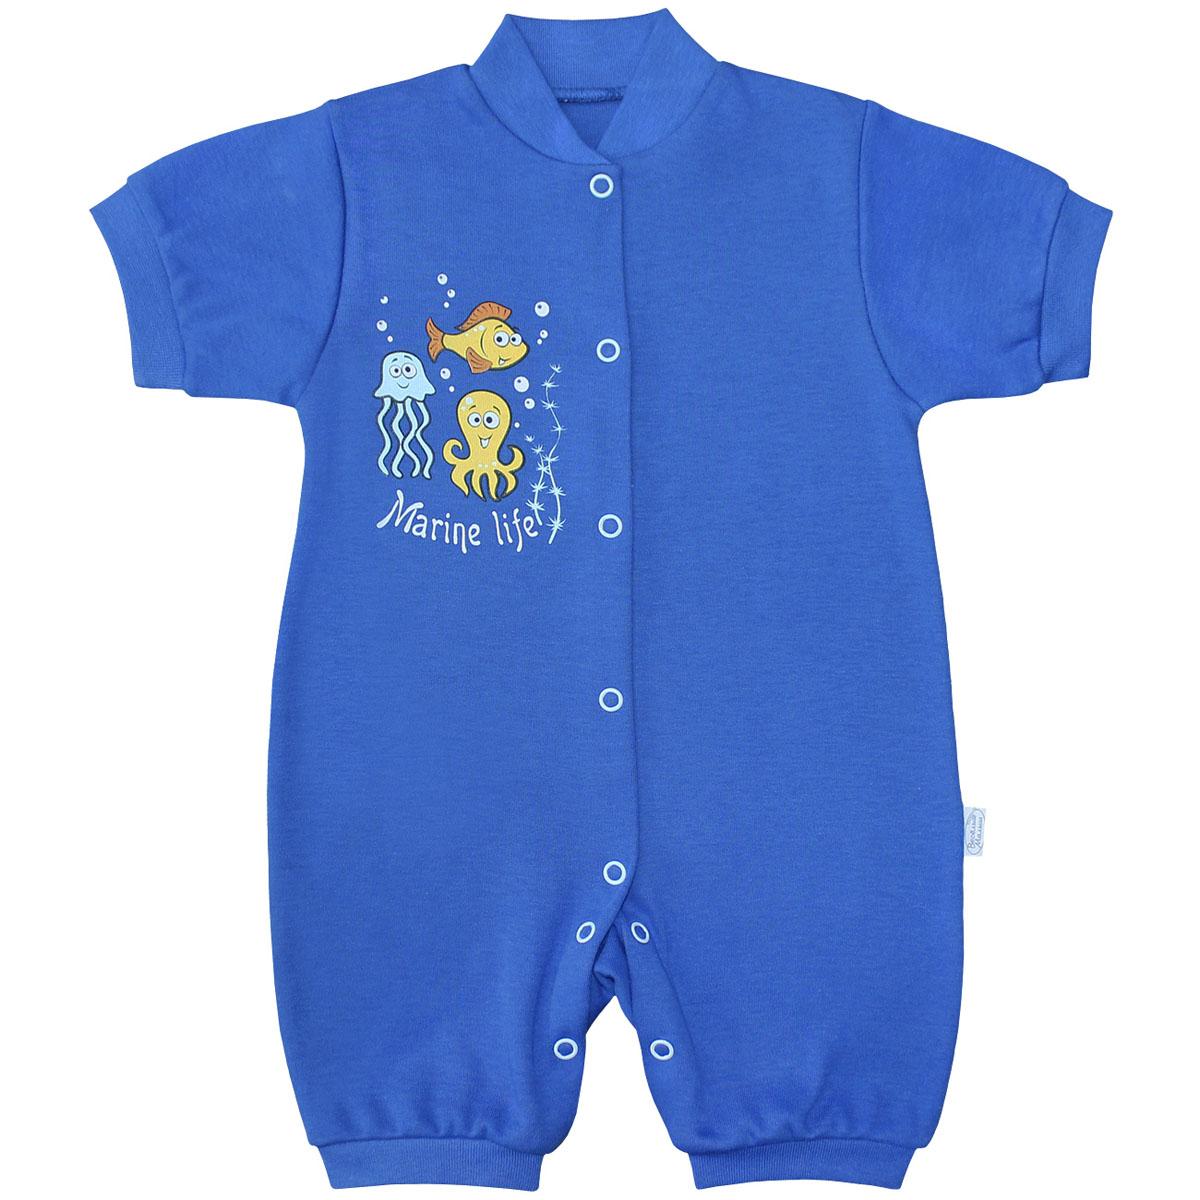 Комбинезон домашний для мальчика Веселый малыш Морская жизнь, цвет: синий. 52322/мж-B (1). Размер 62 веселый малыш песочник спелая вишня 52322